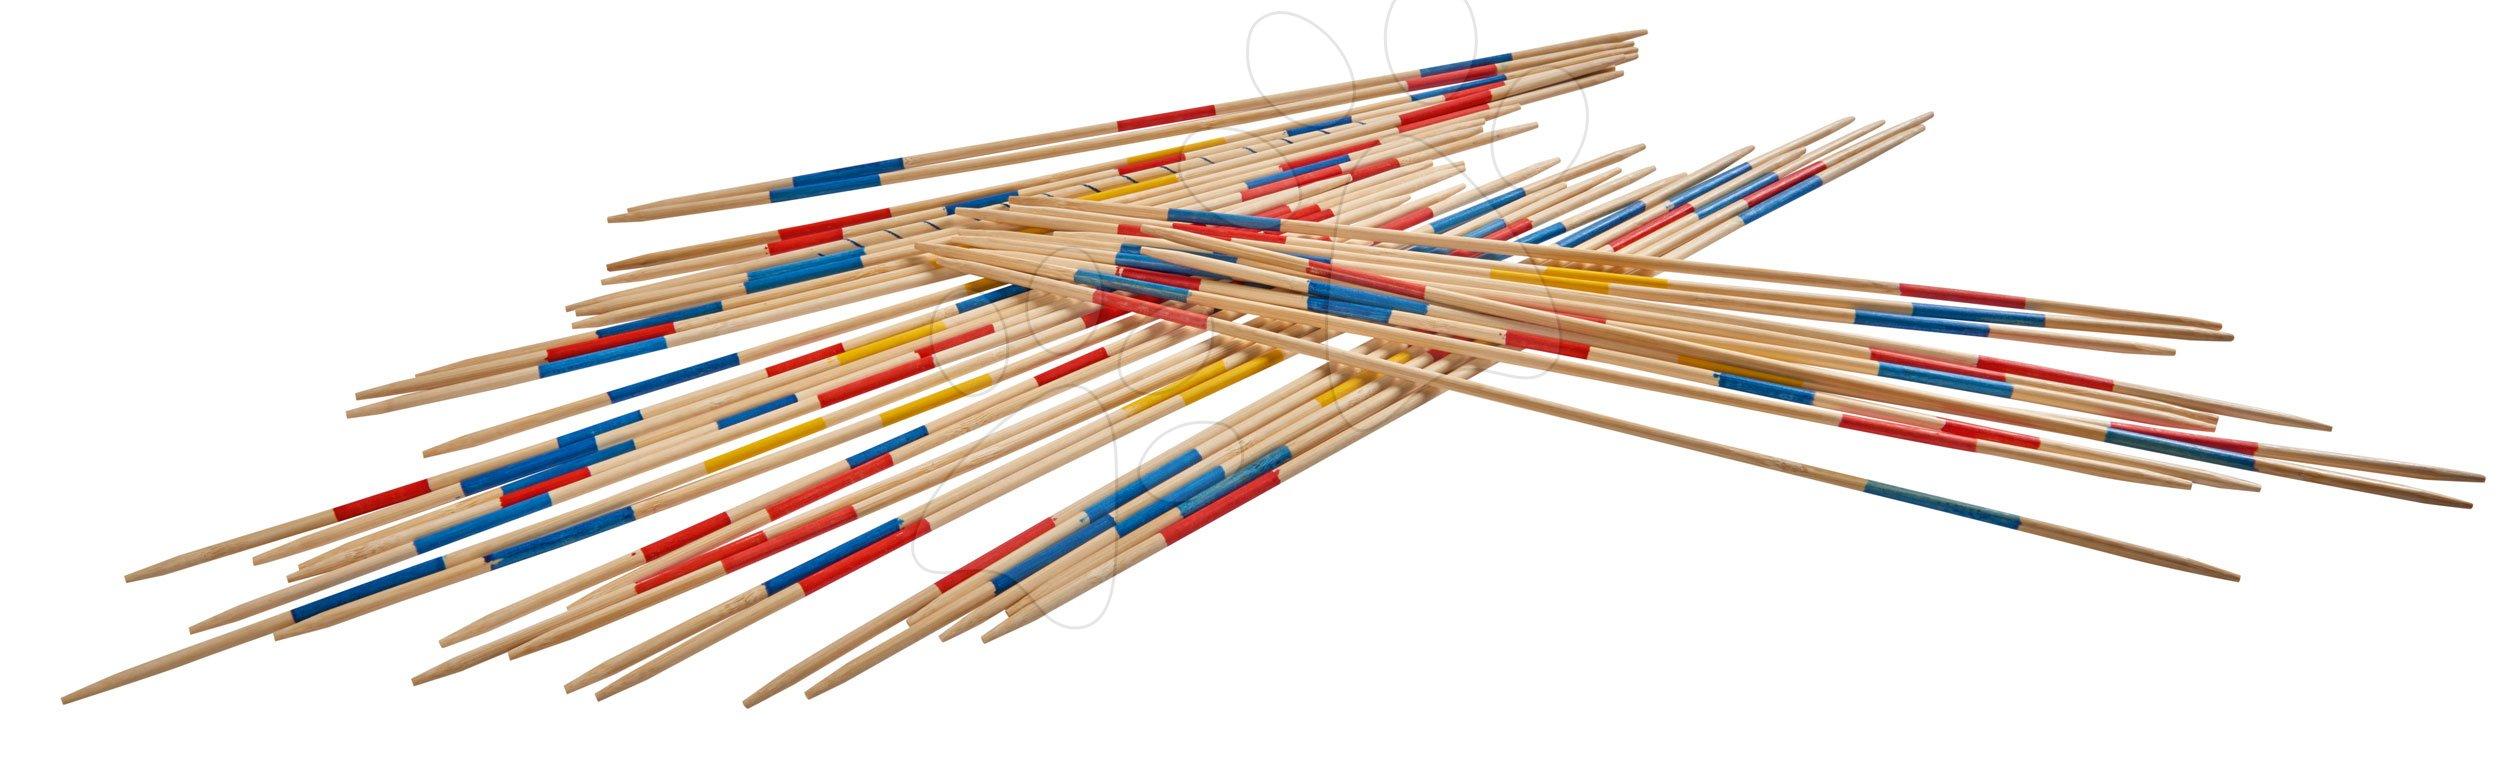 Spoločenské hry pre deti - Drevené mikádo Outdoor Eichhorn farebný bambus 41 paličiek 50 cm dlhé